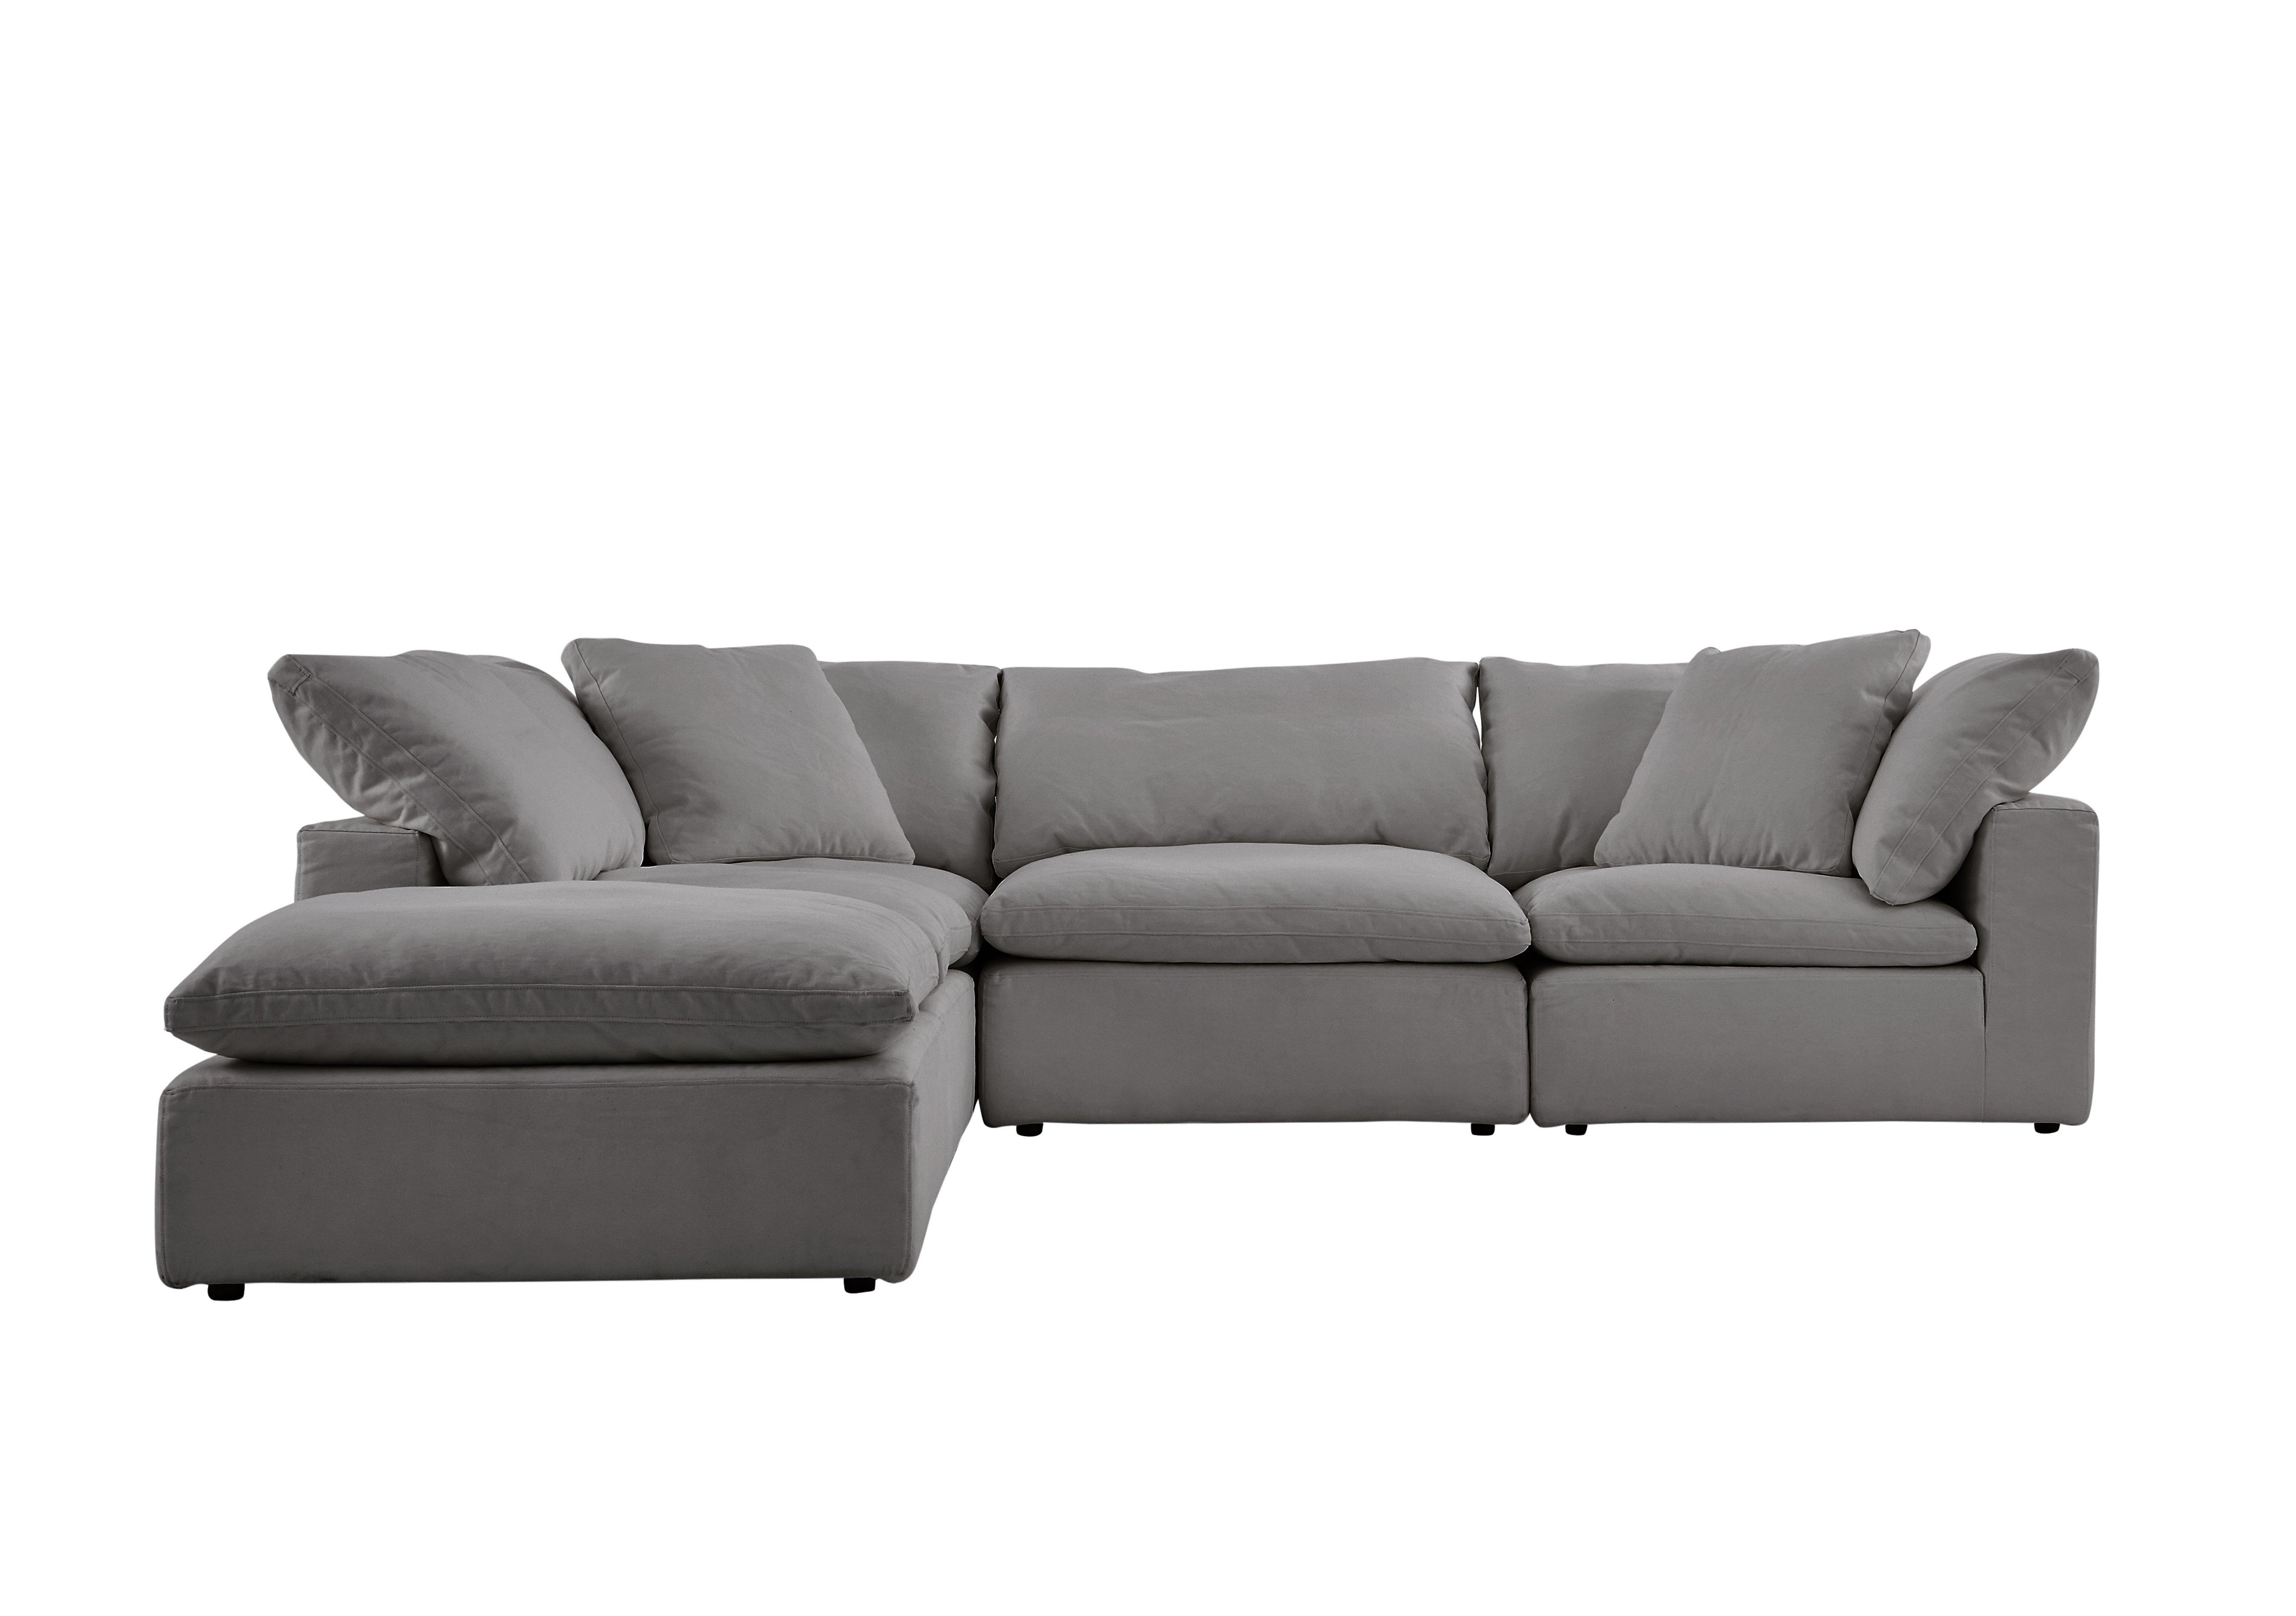 Cloud 5 Piece Corner Sofa including Footstool Halo Furniture